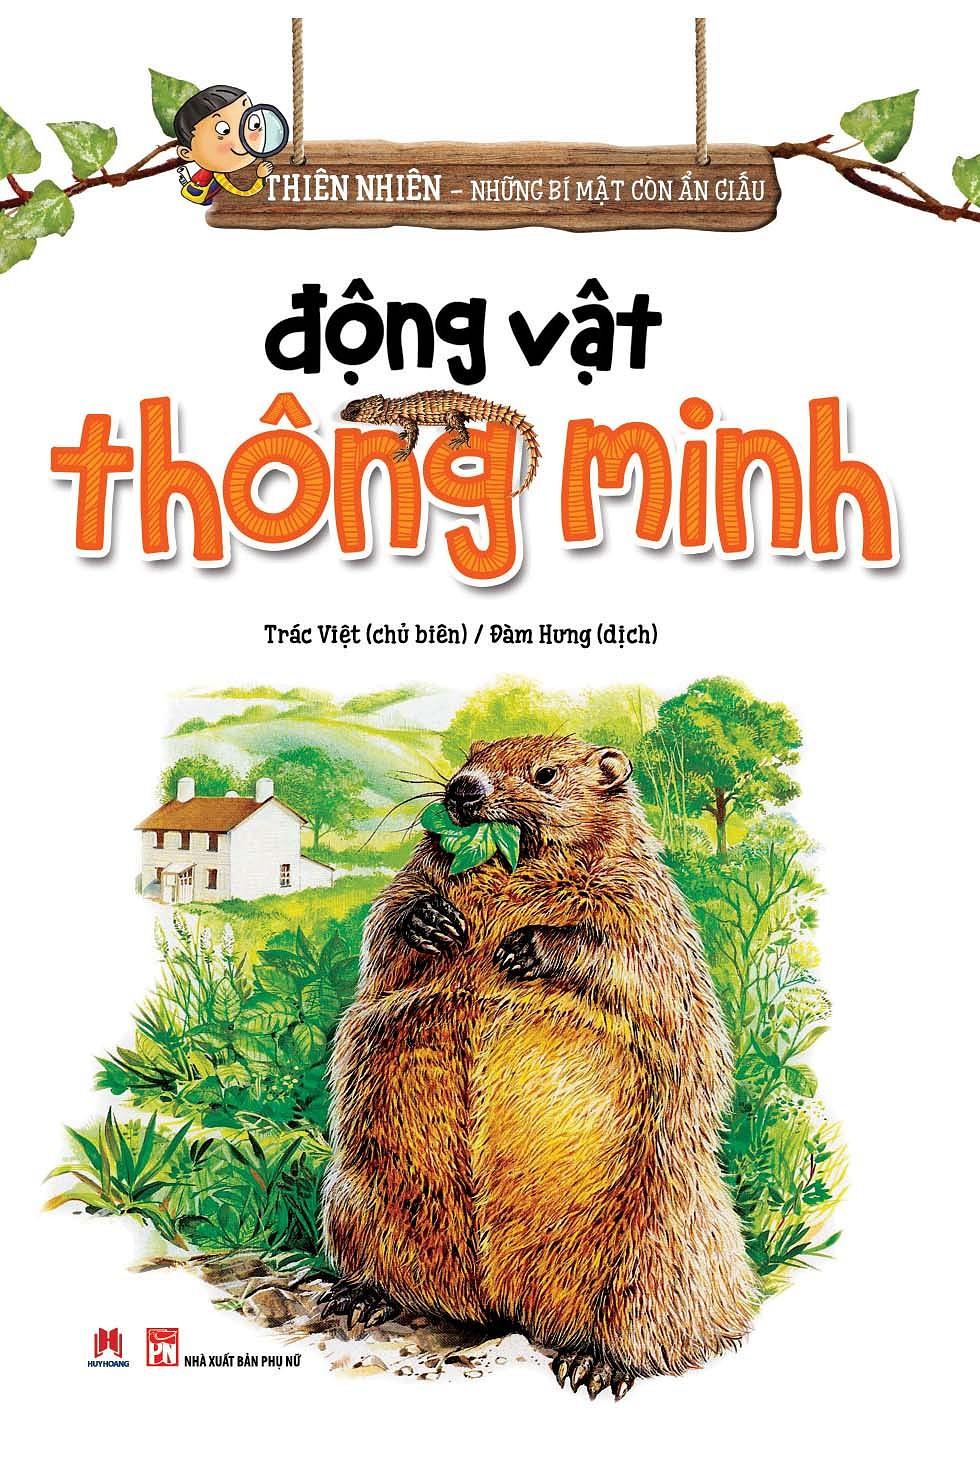 dong-vat-thong-minh.u2469.d20170110.t144718.326658.jpg